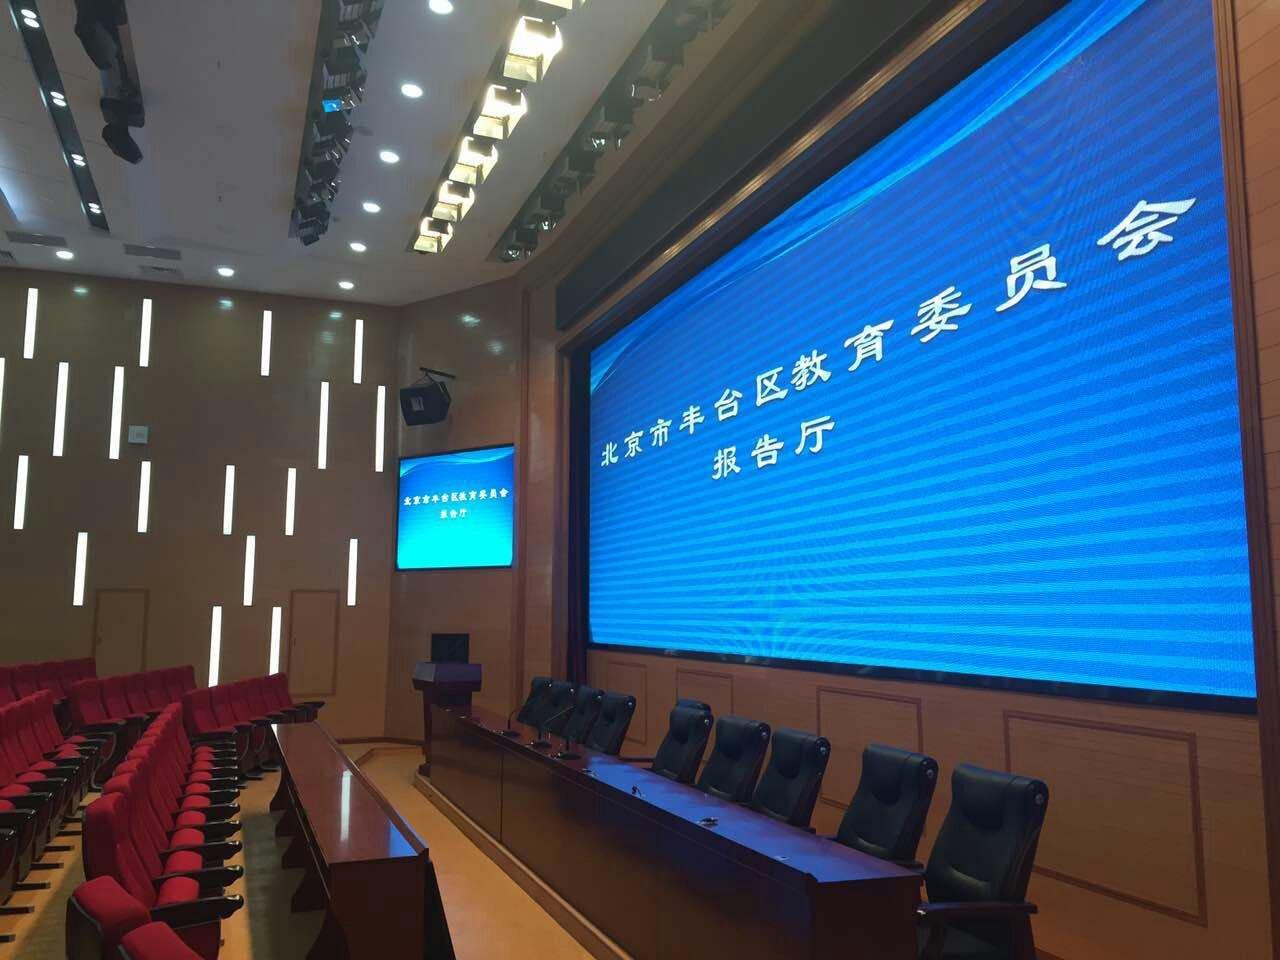 北京市丰台区教育委员会多功能厅